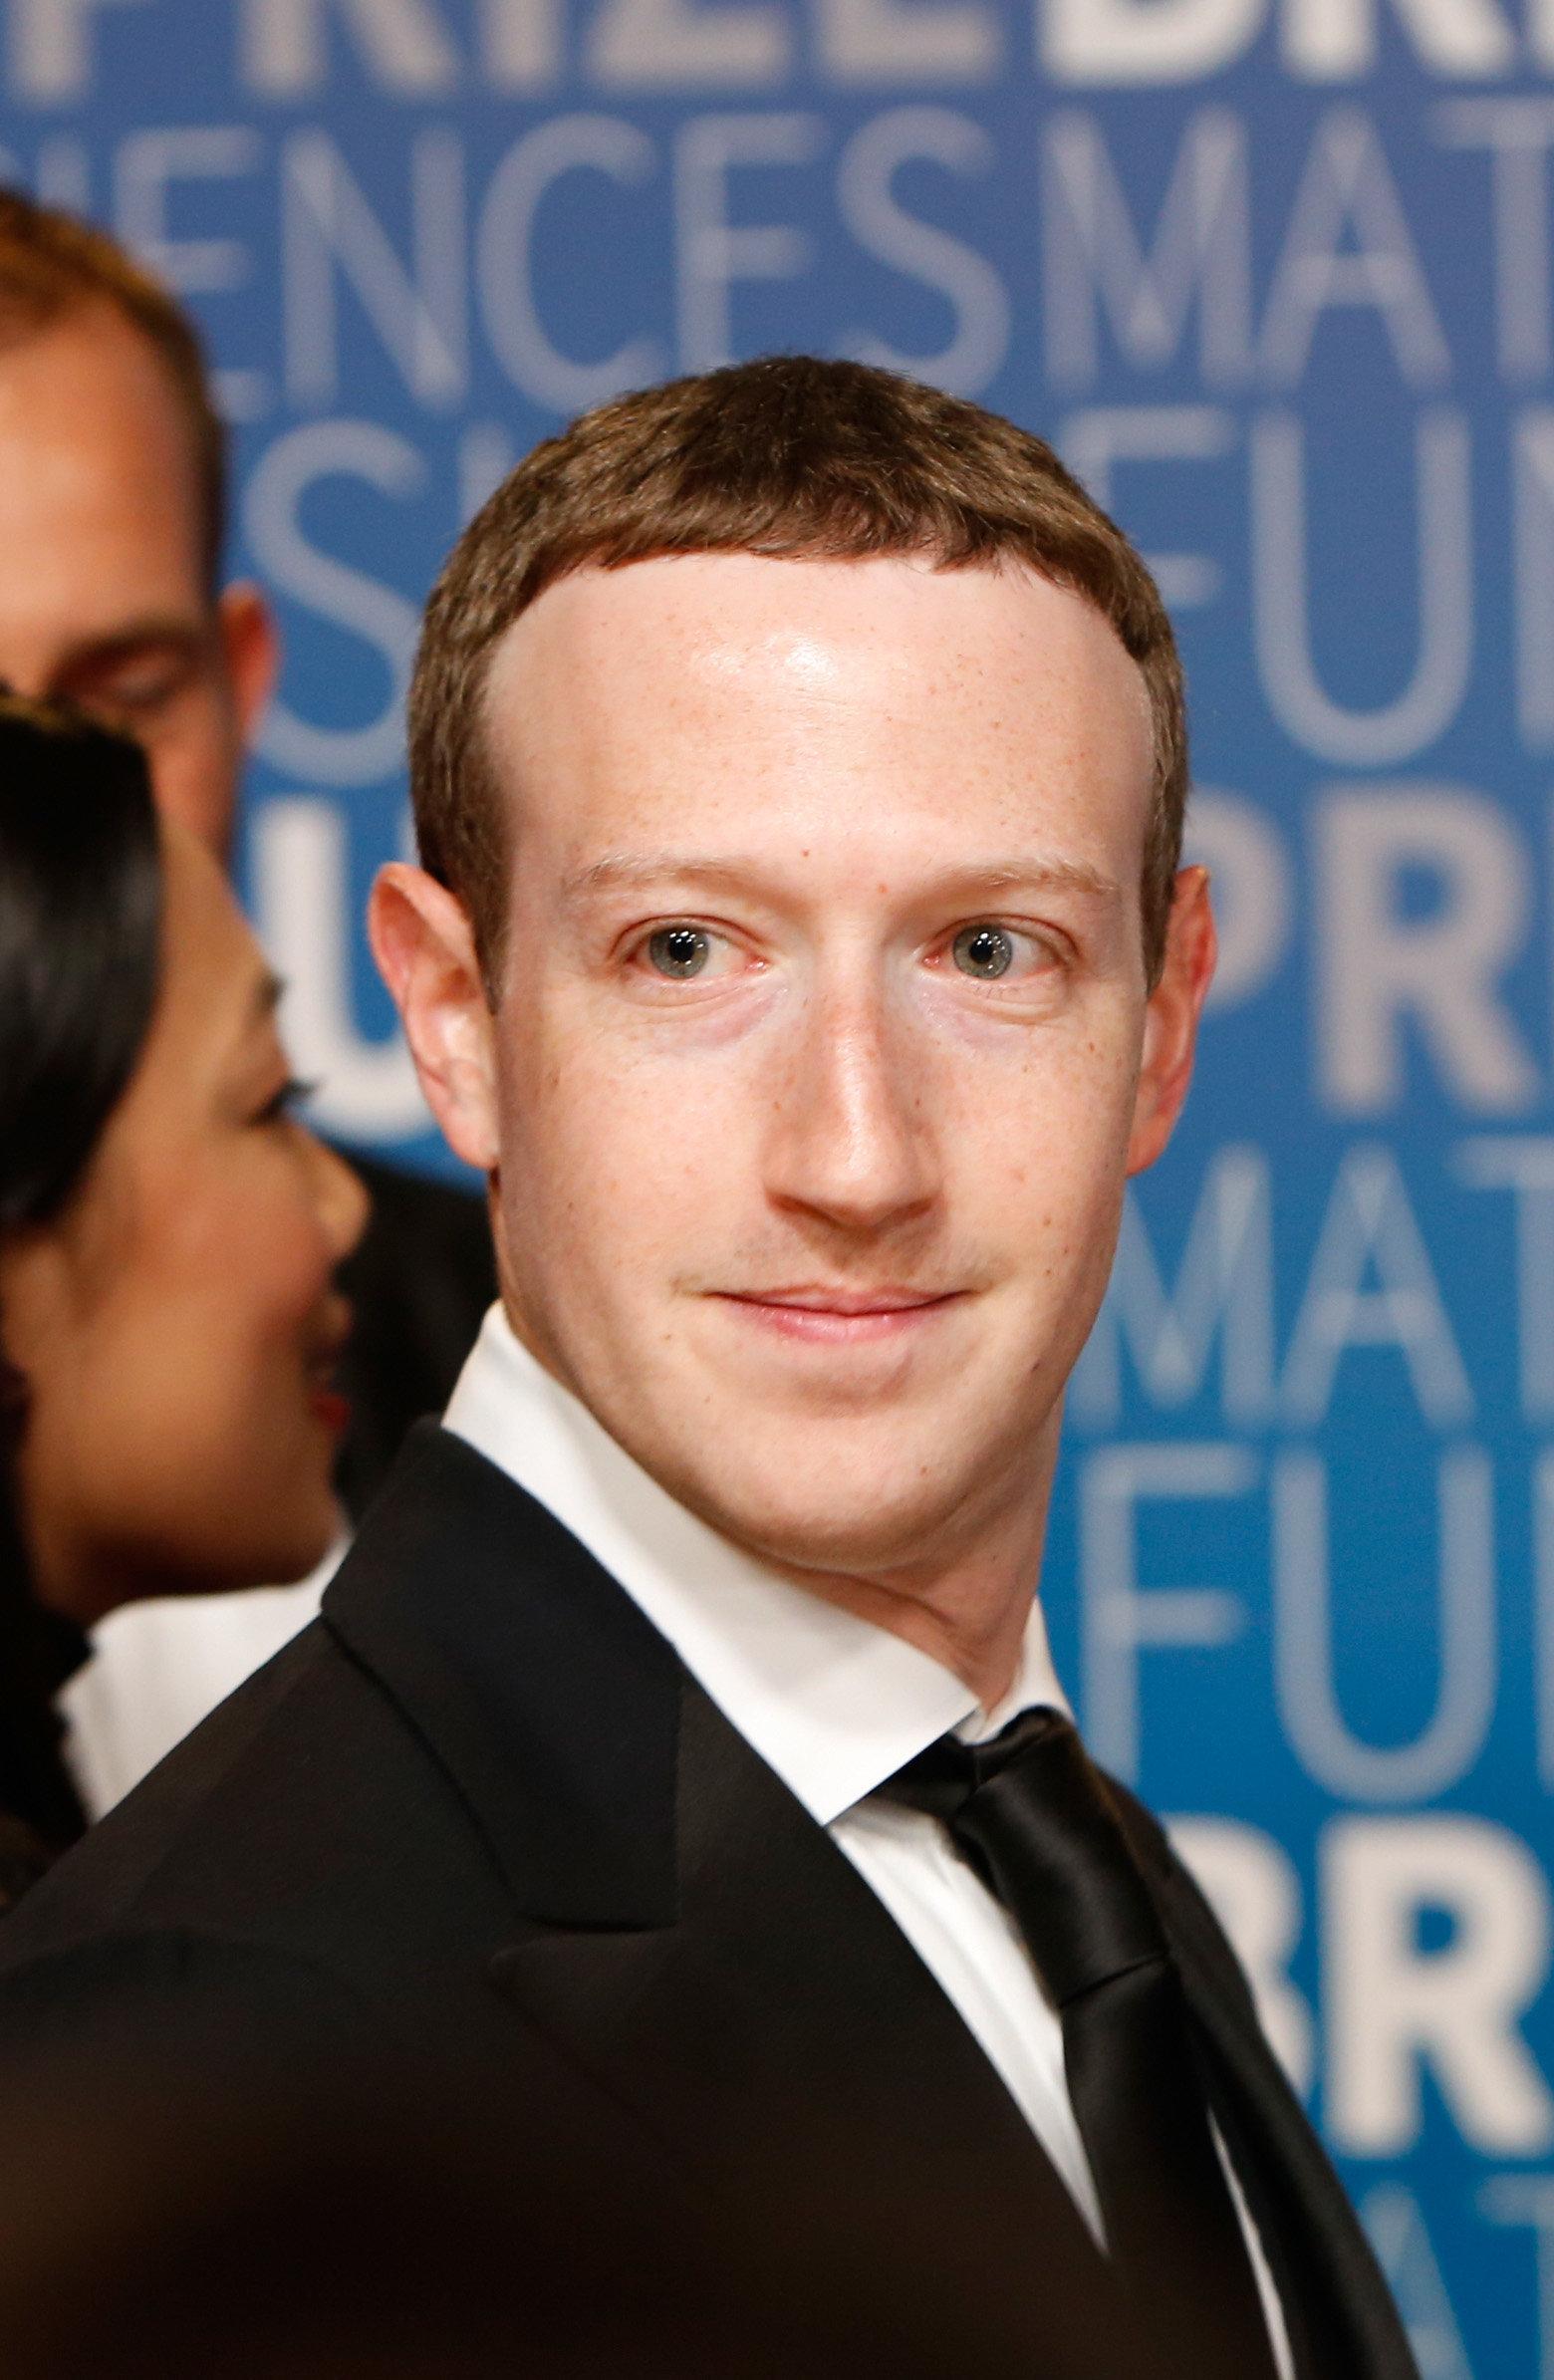 Facebook: Zuckerberg ne prévoit pas de